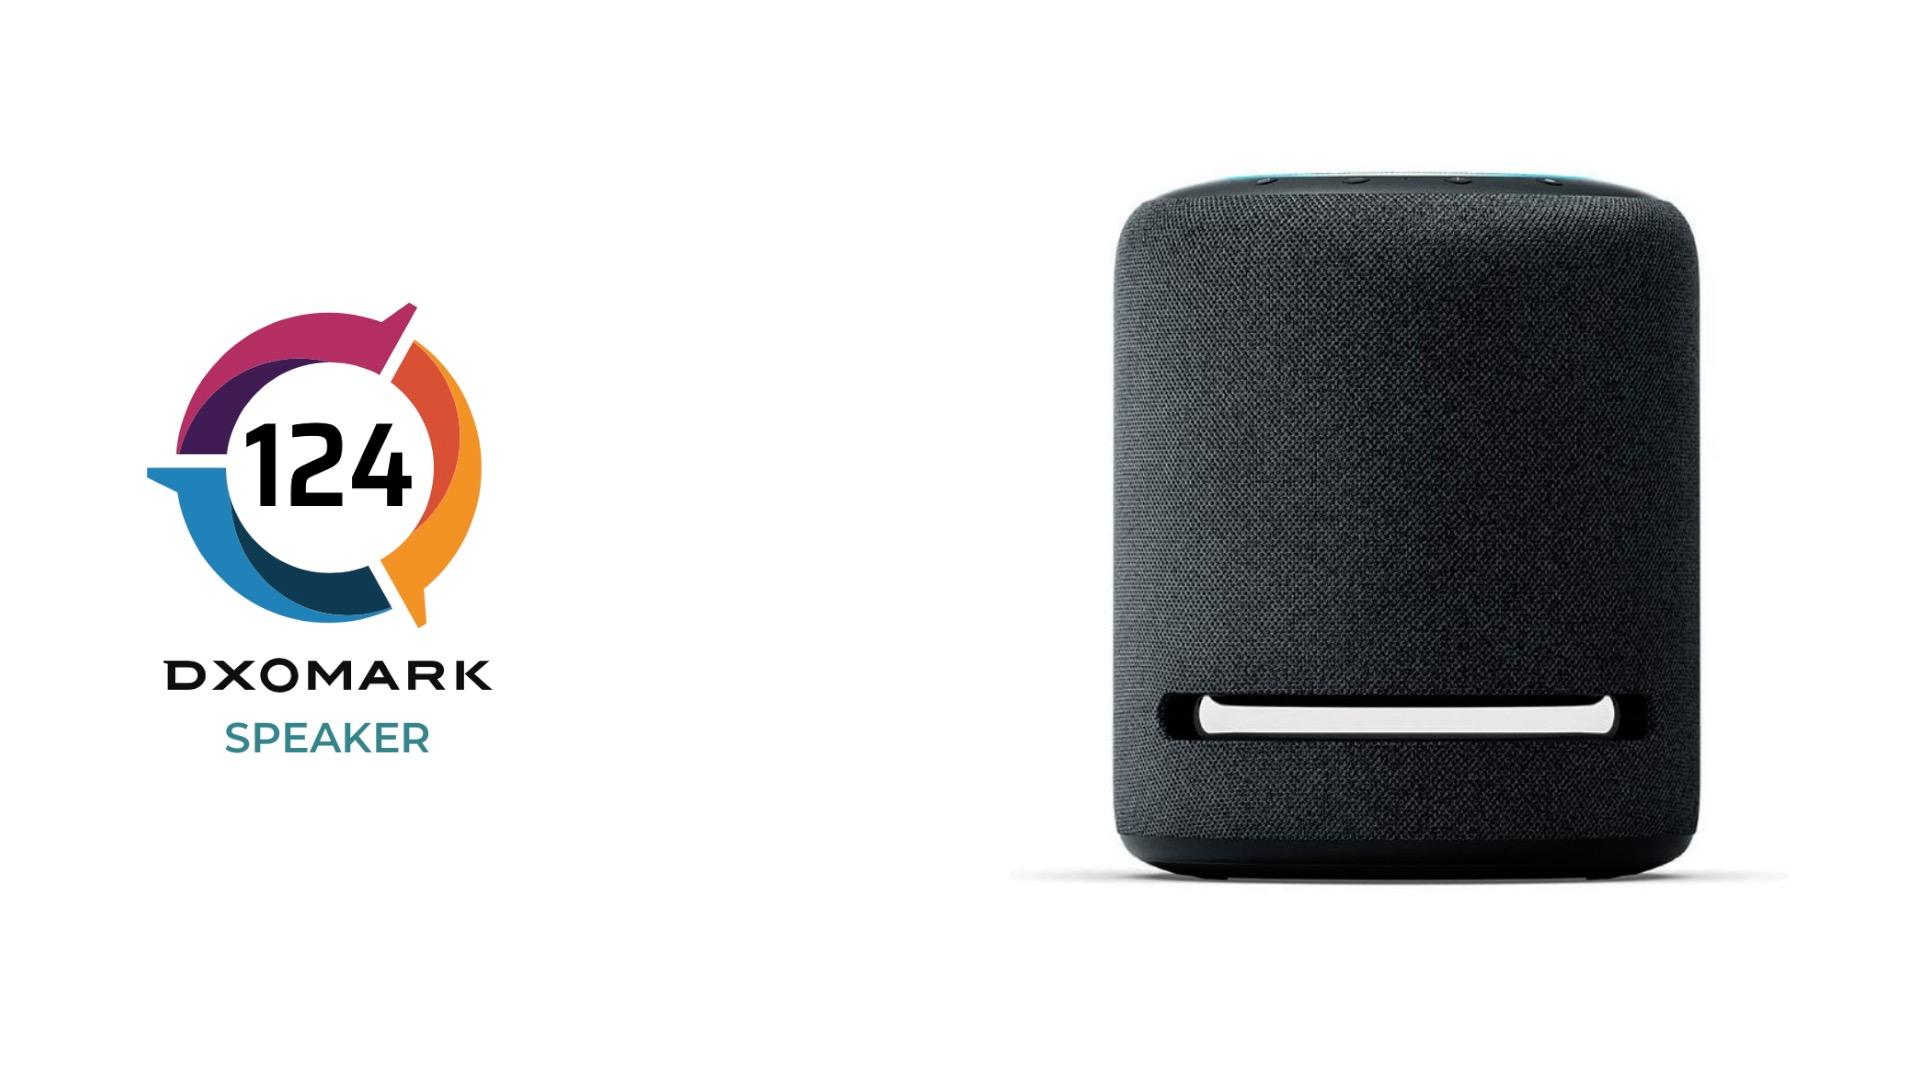 dxomark speaker